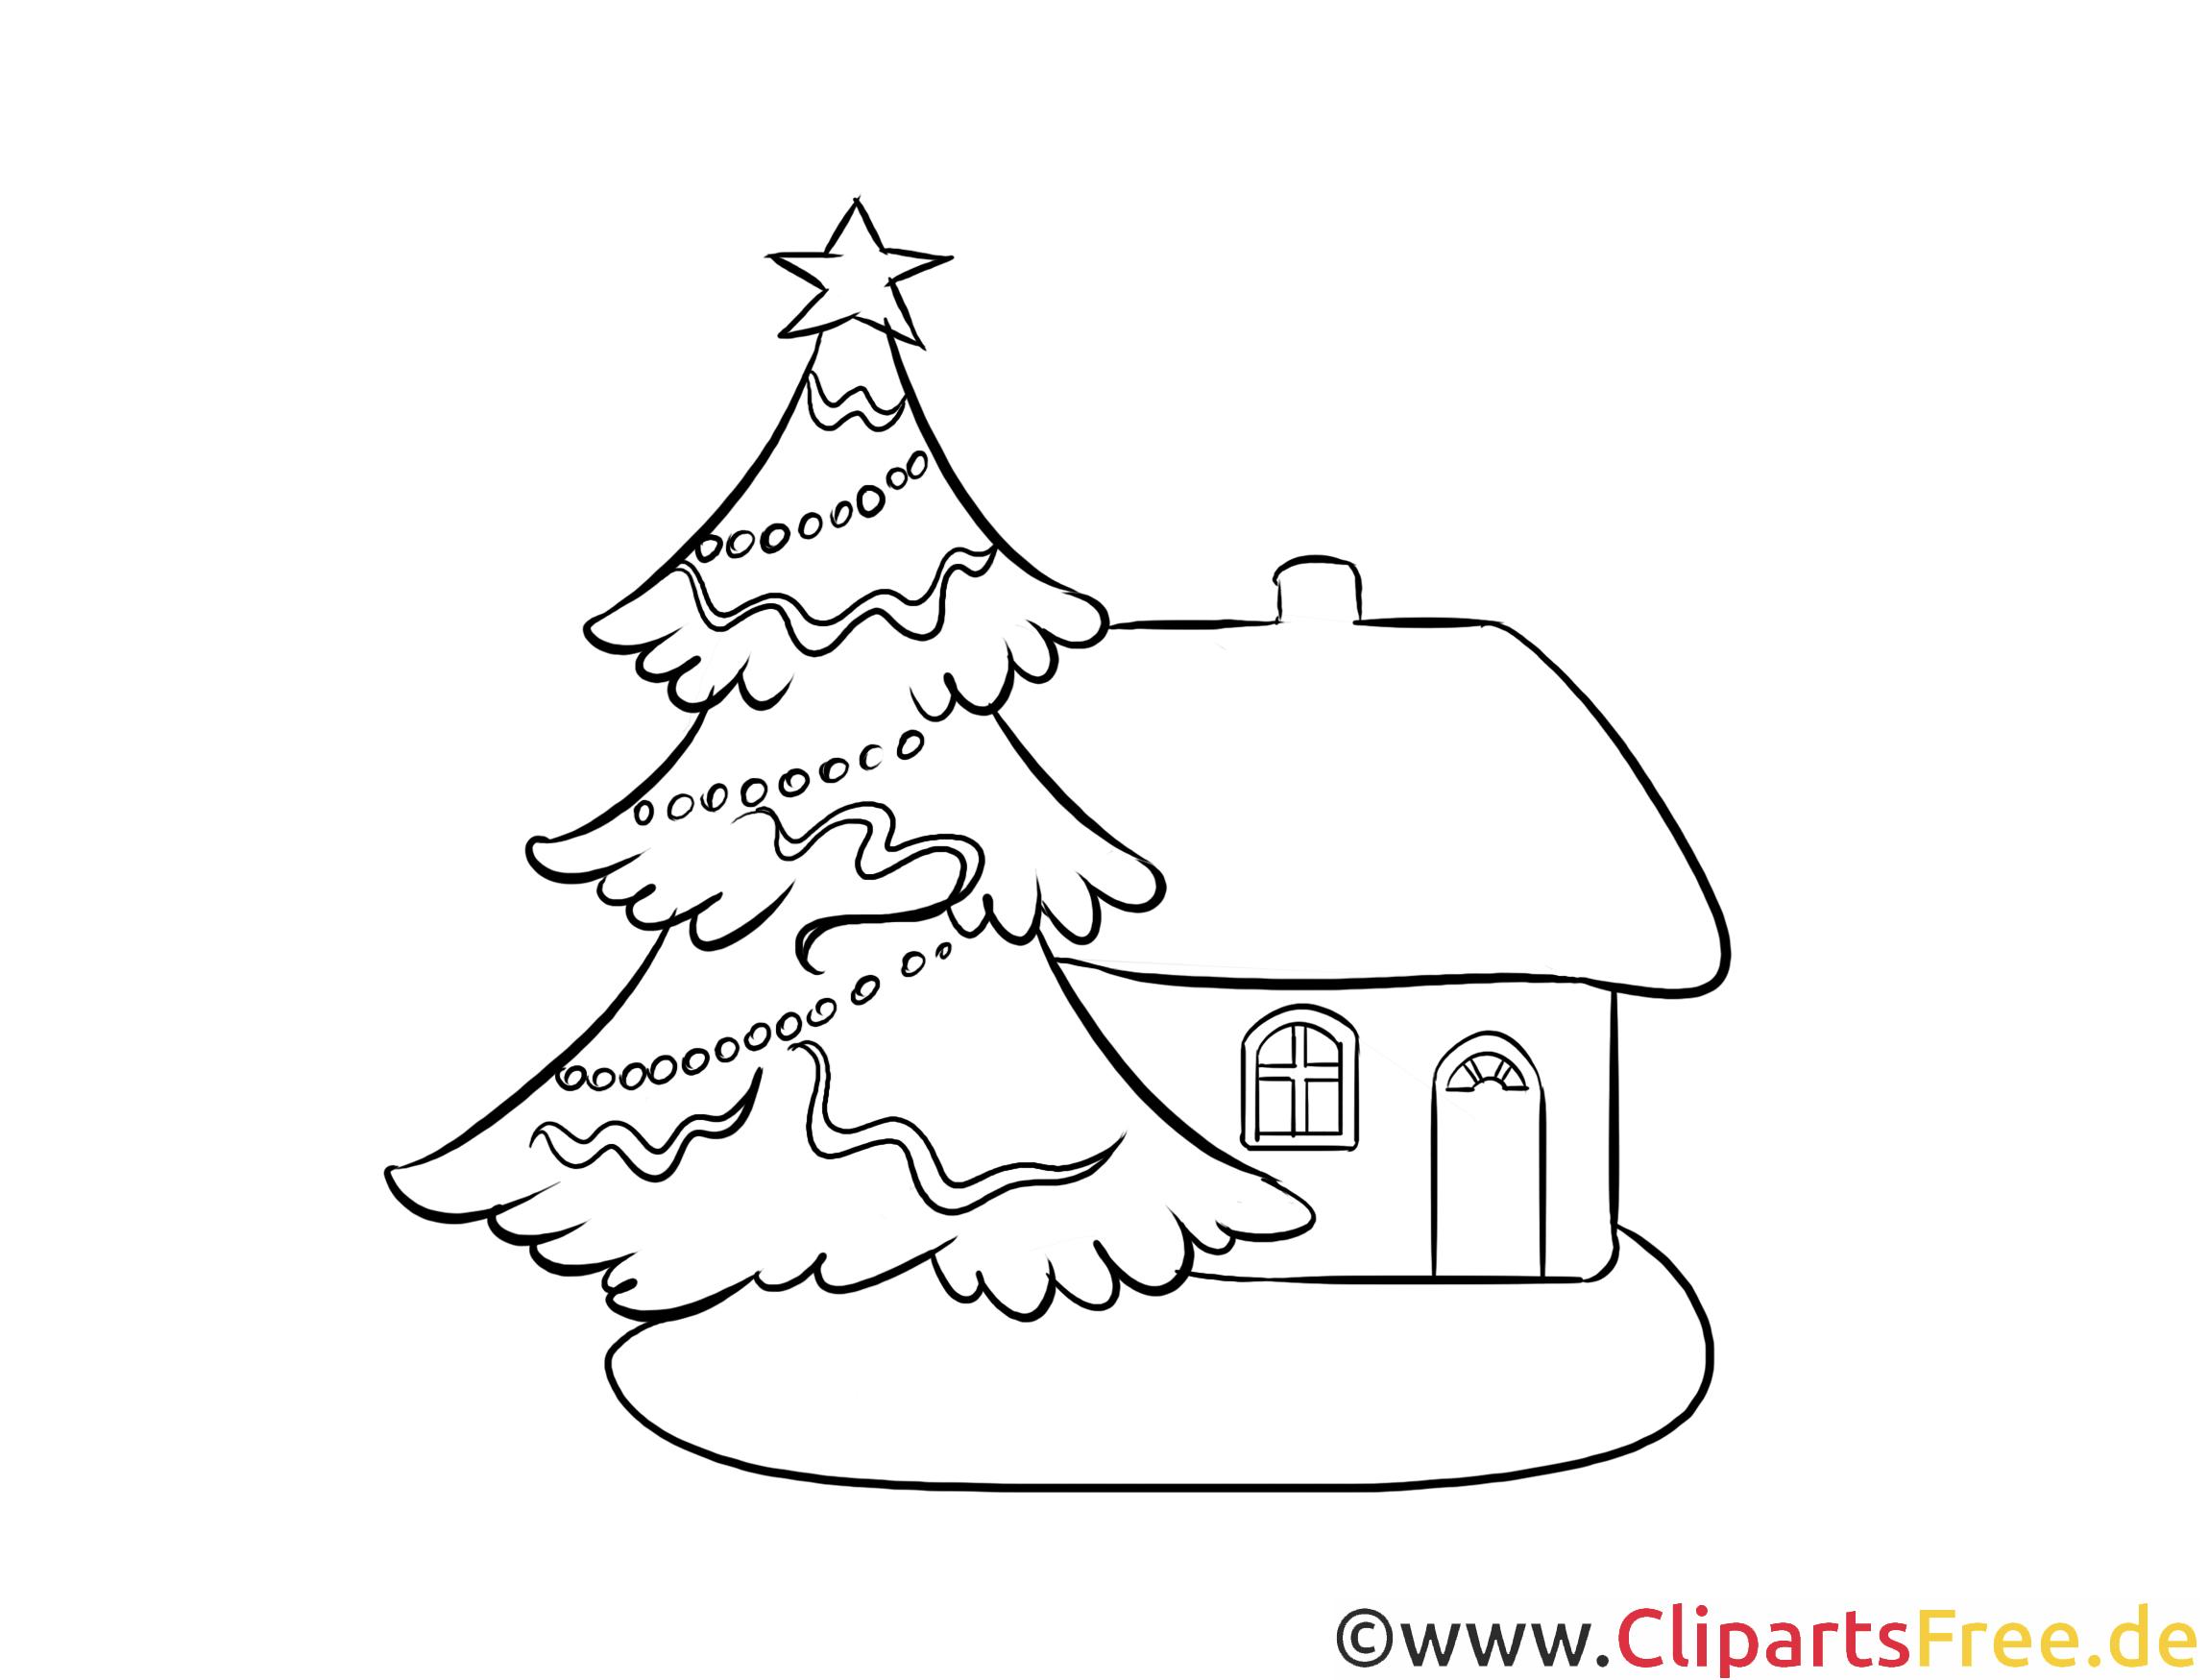 dekupiersäge vorlage zum ausdrucken zu weihnachten